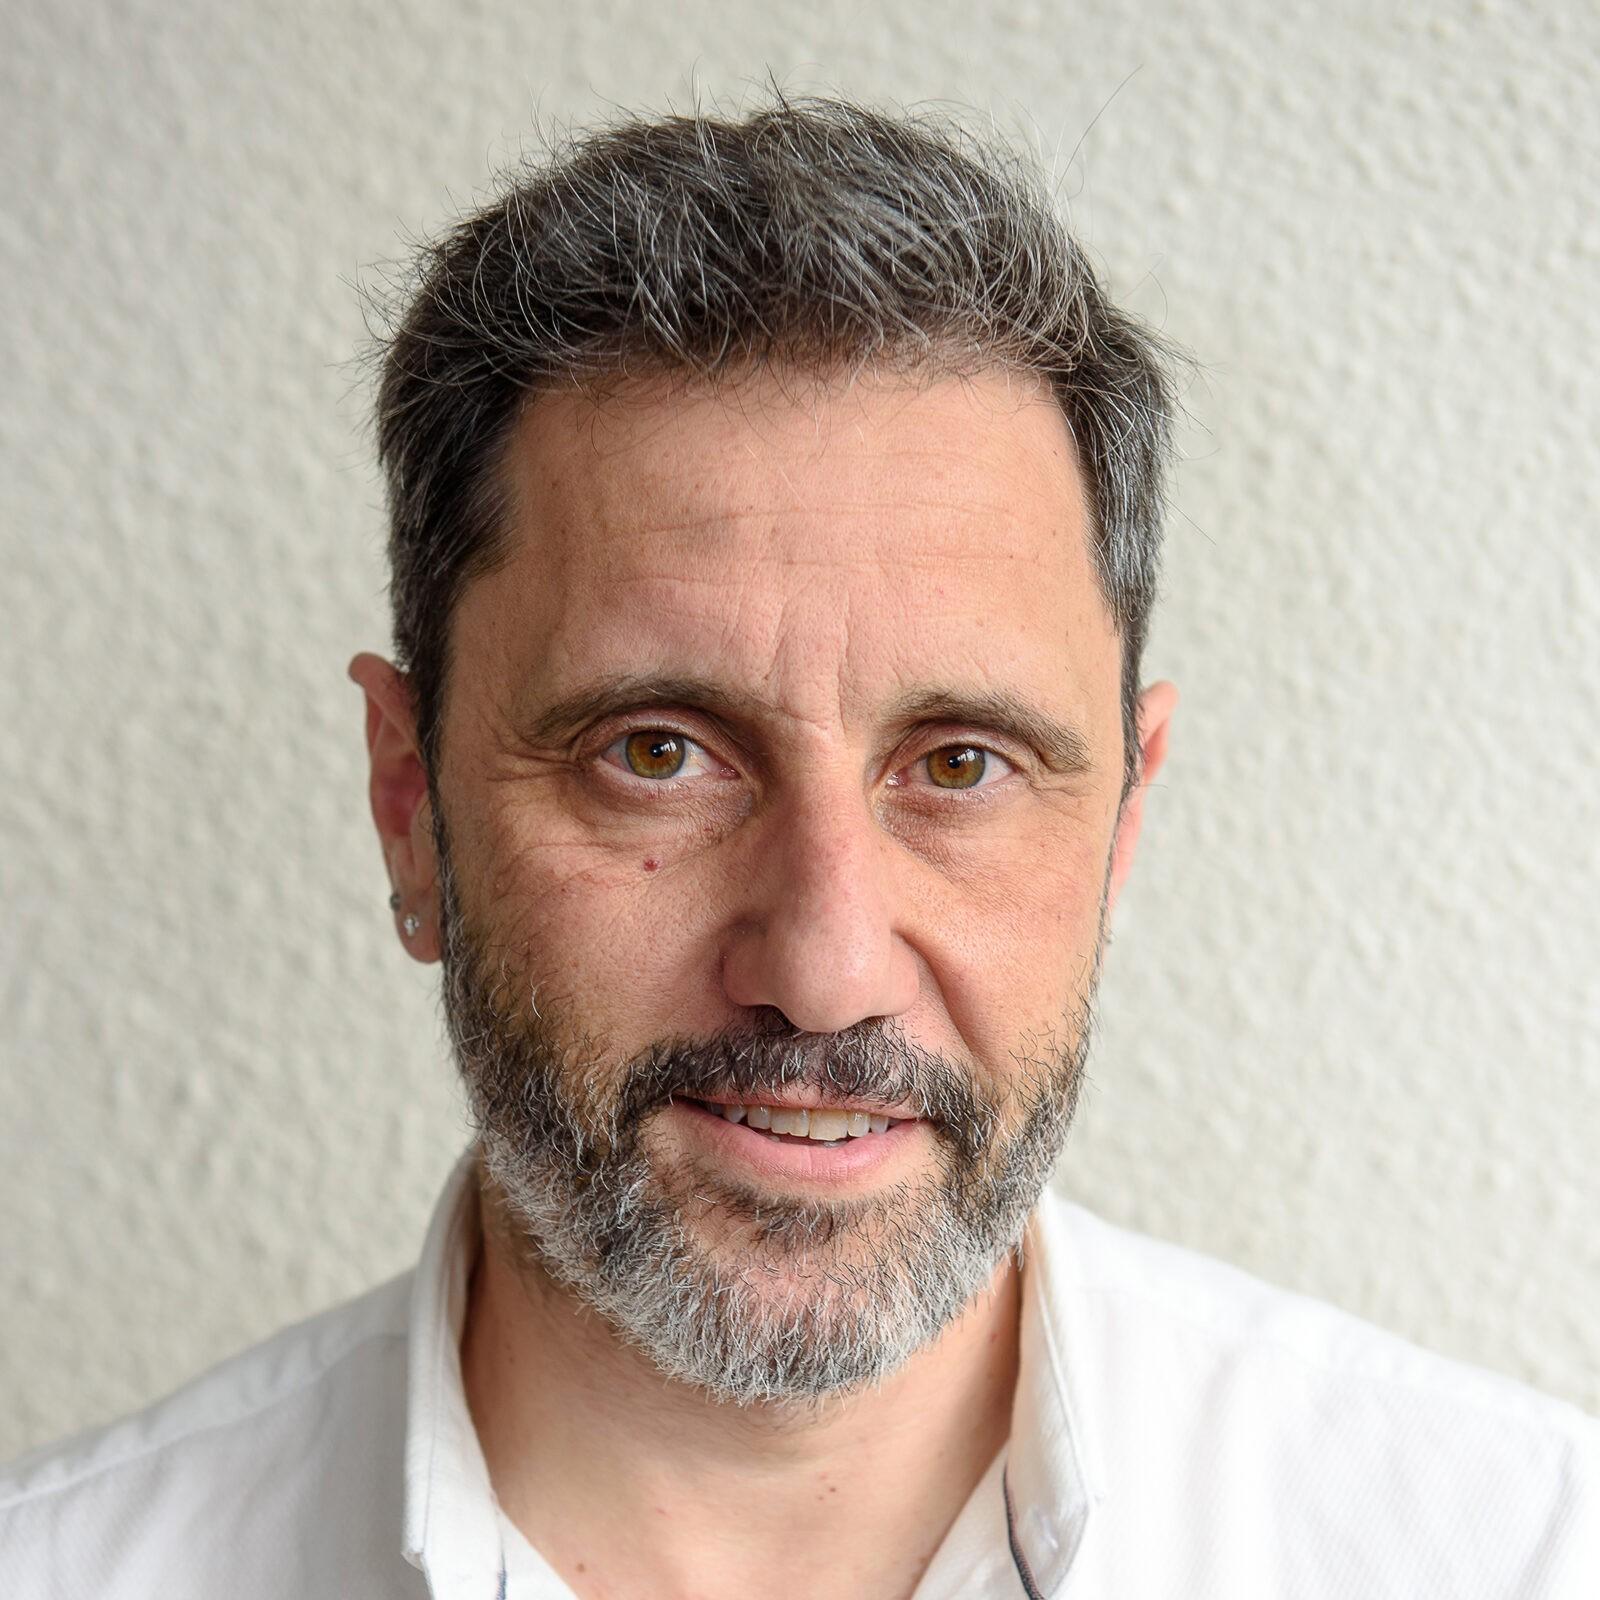 JUAN CARLOS SERRANO